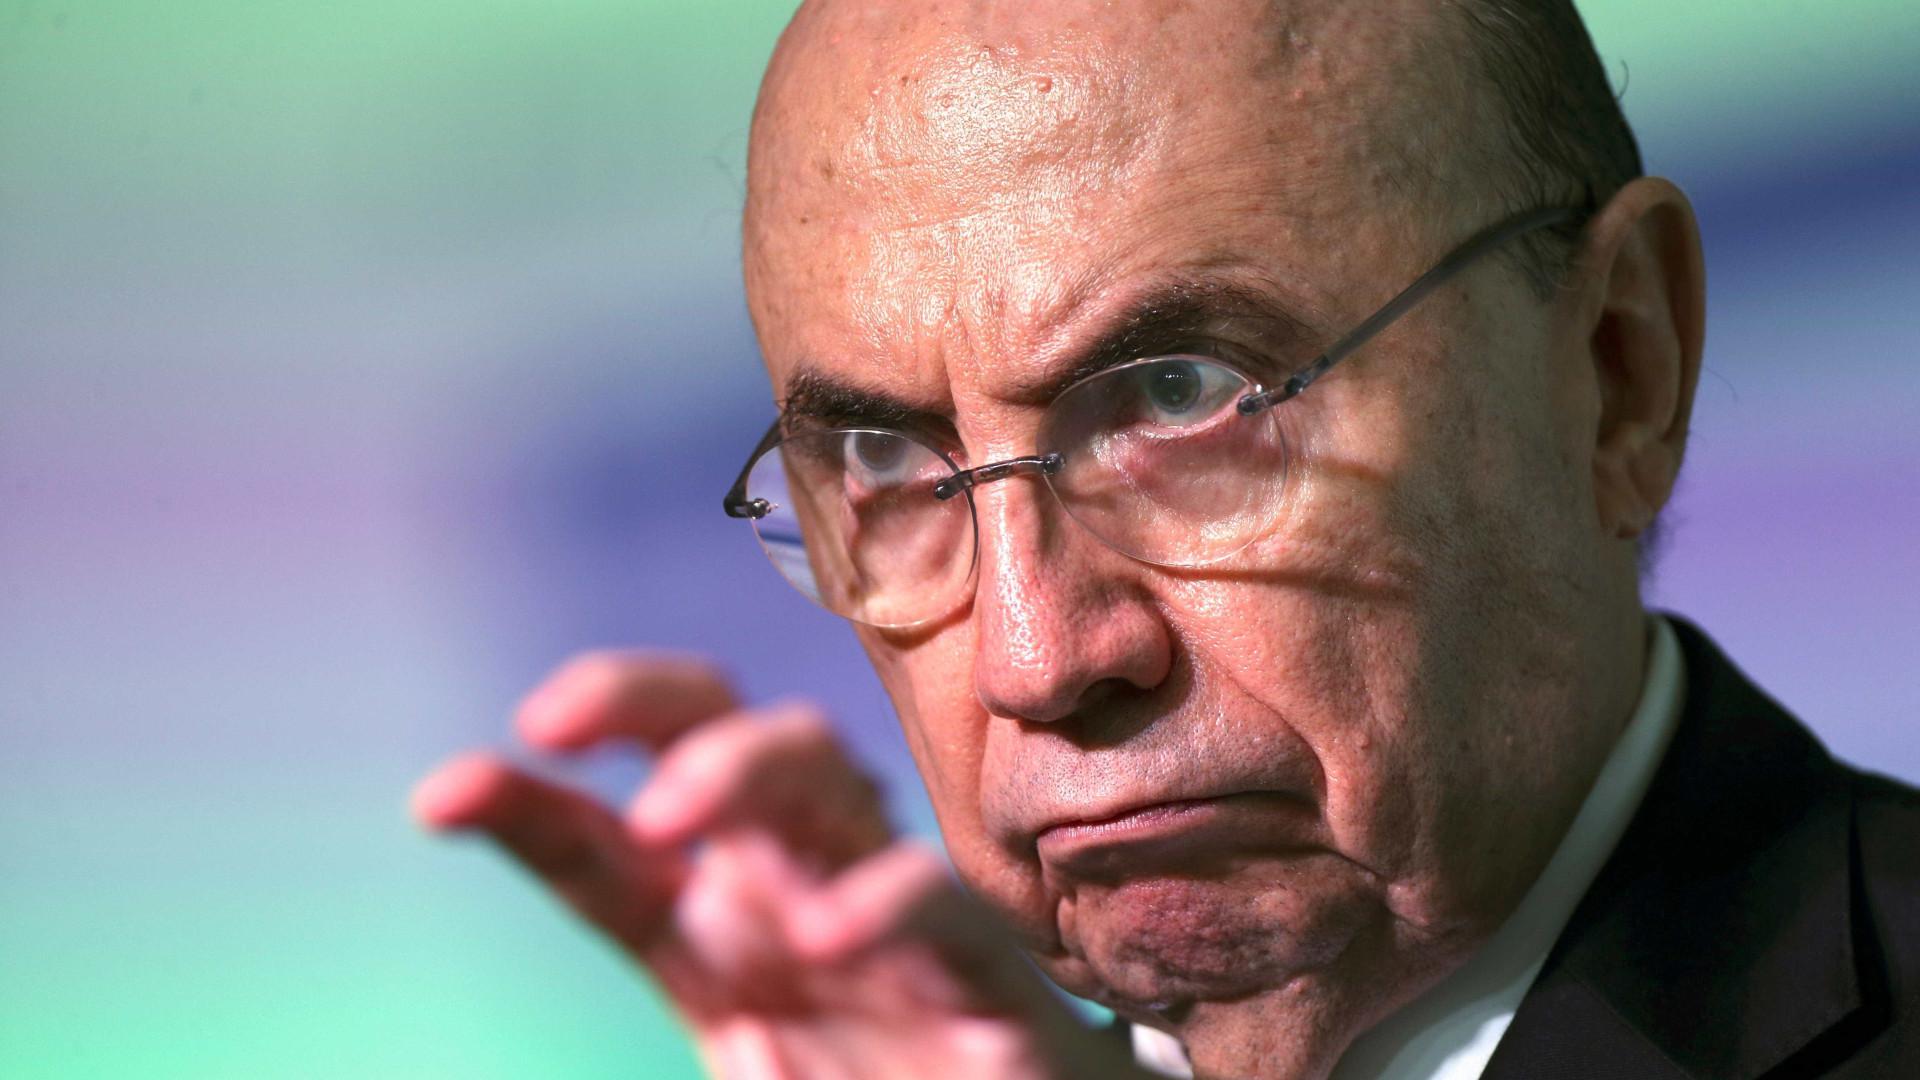 Em tom eleitoral, Meirelles dirá que brasileiro não quer 'aventuras'